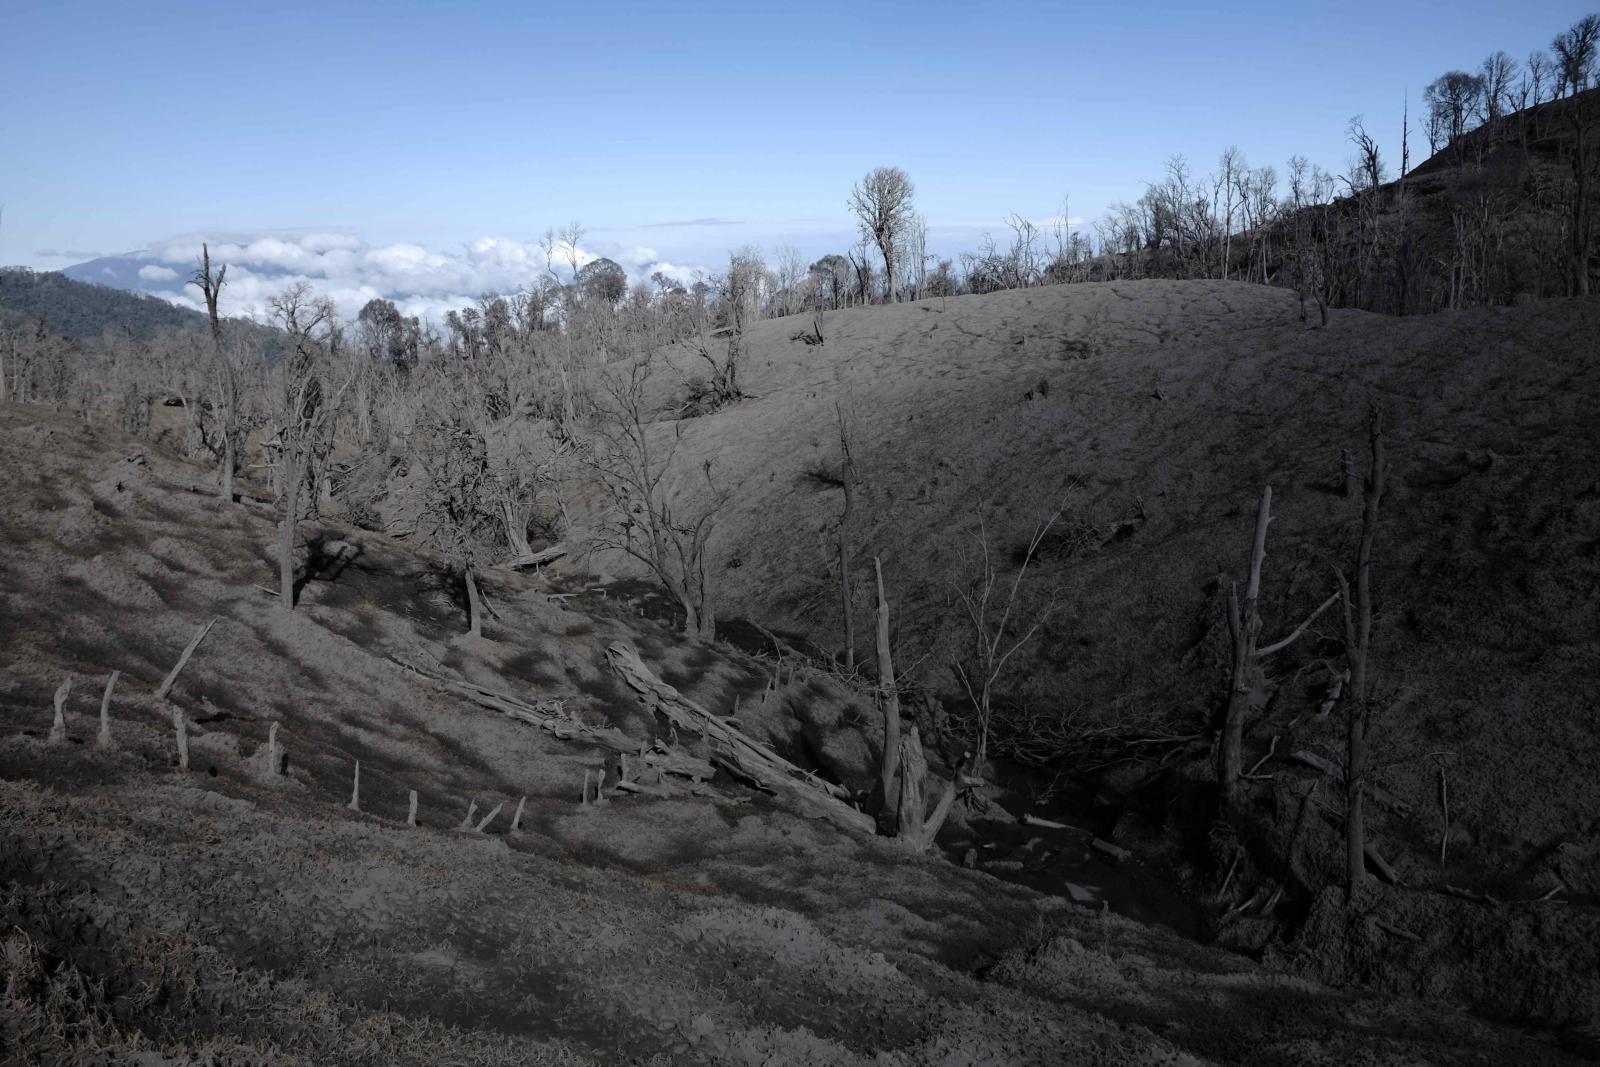 Krajobraz zniszczony przez pył pochodzący z wulkanu Turrialba w Kostaryce.